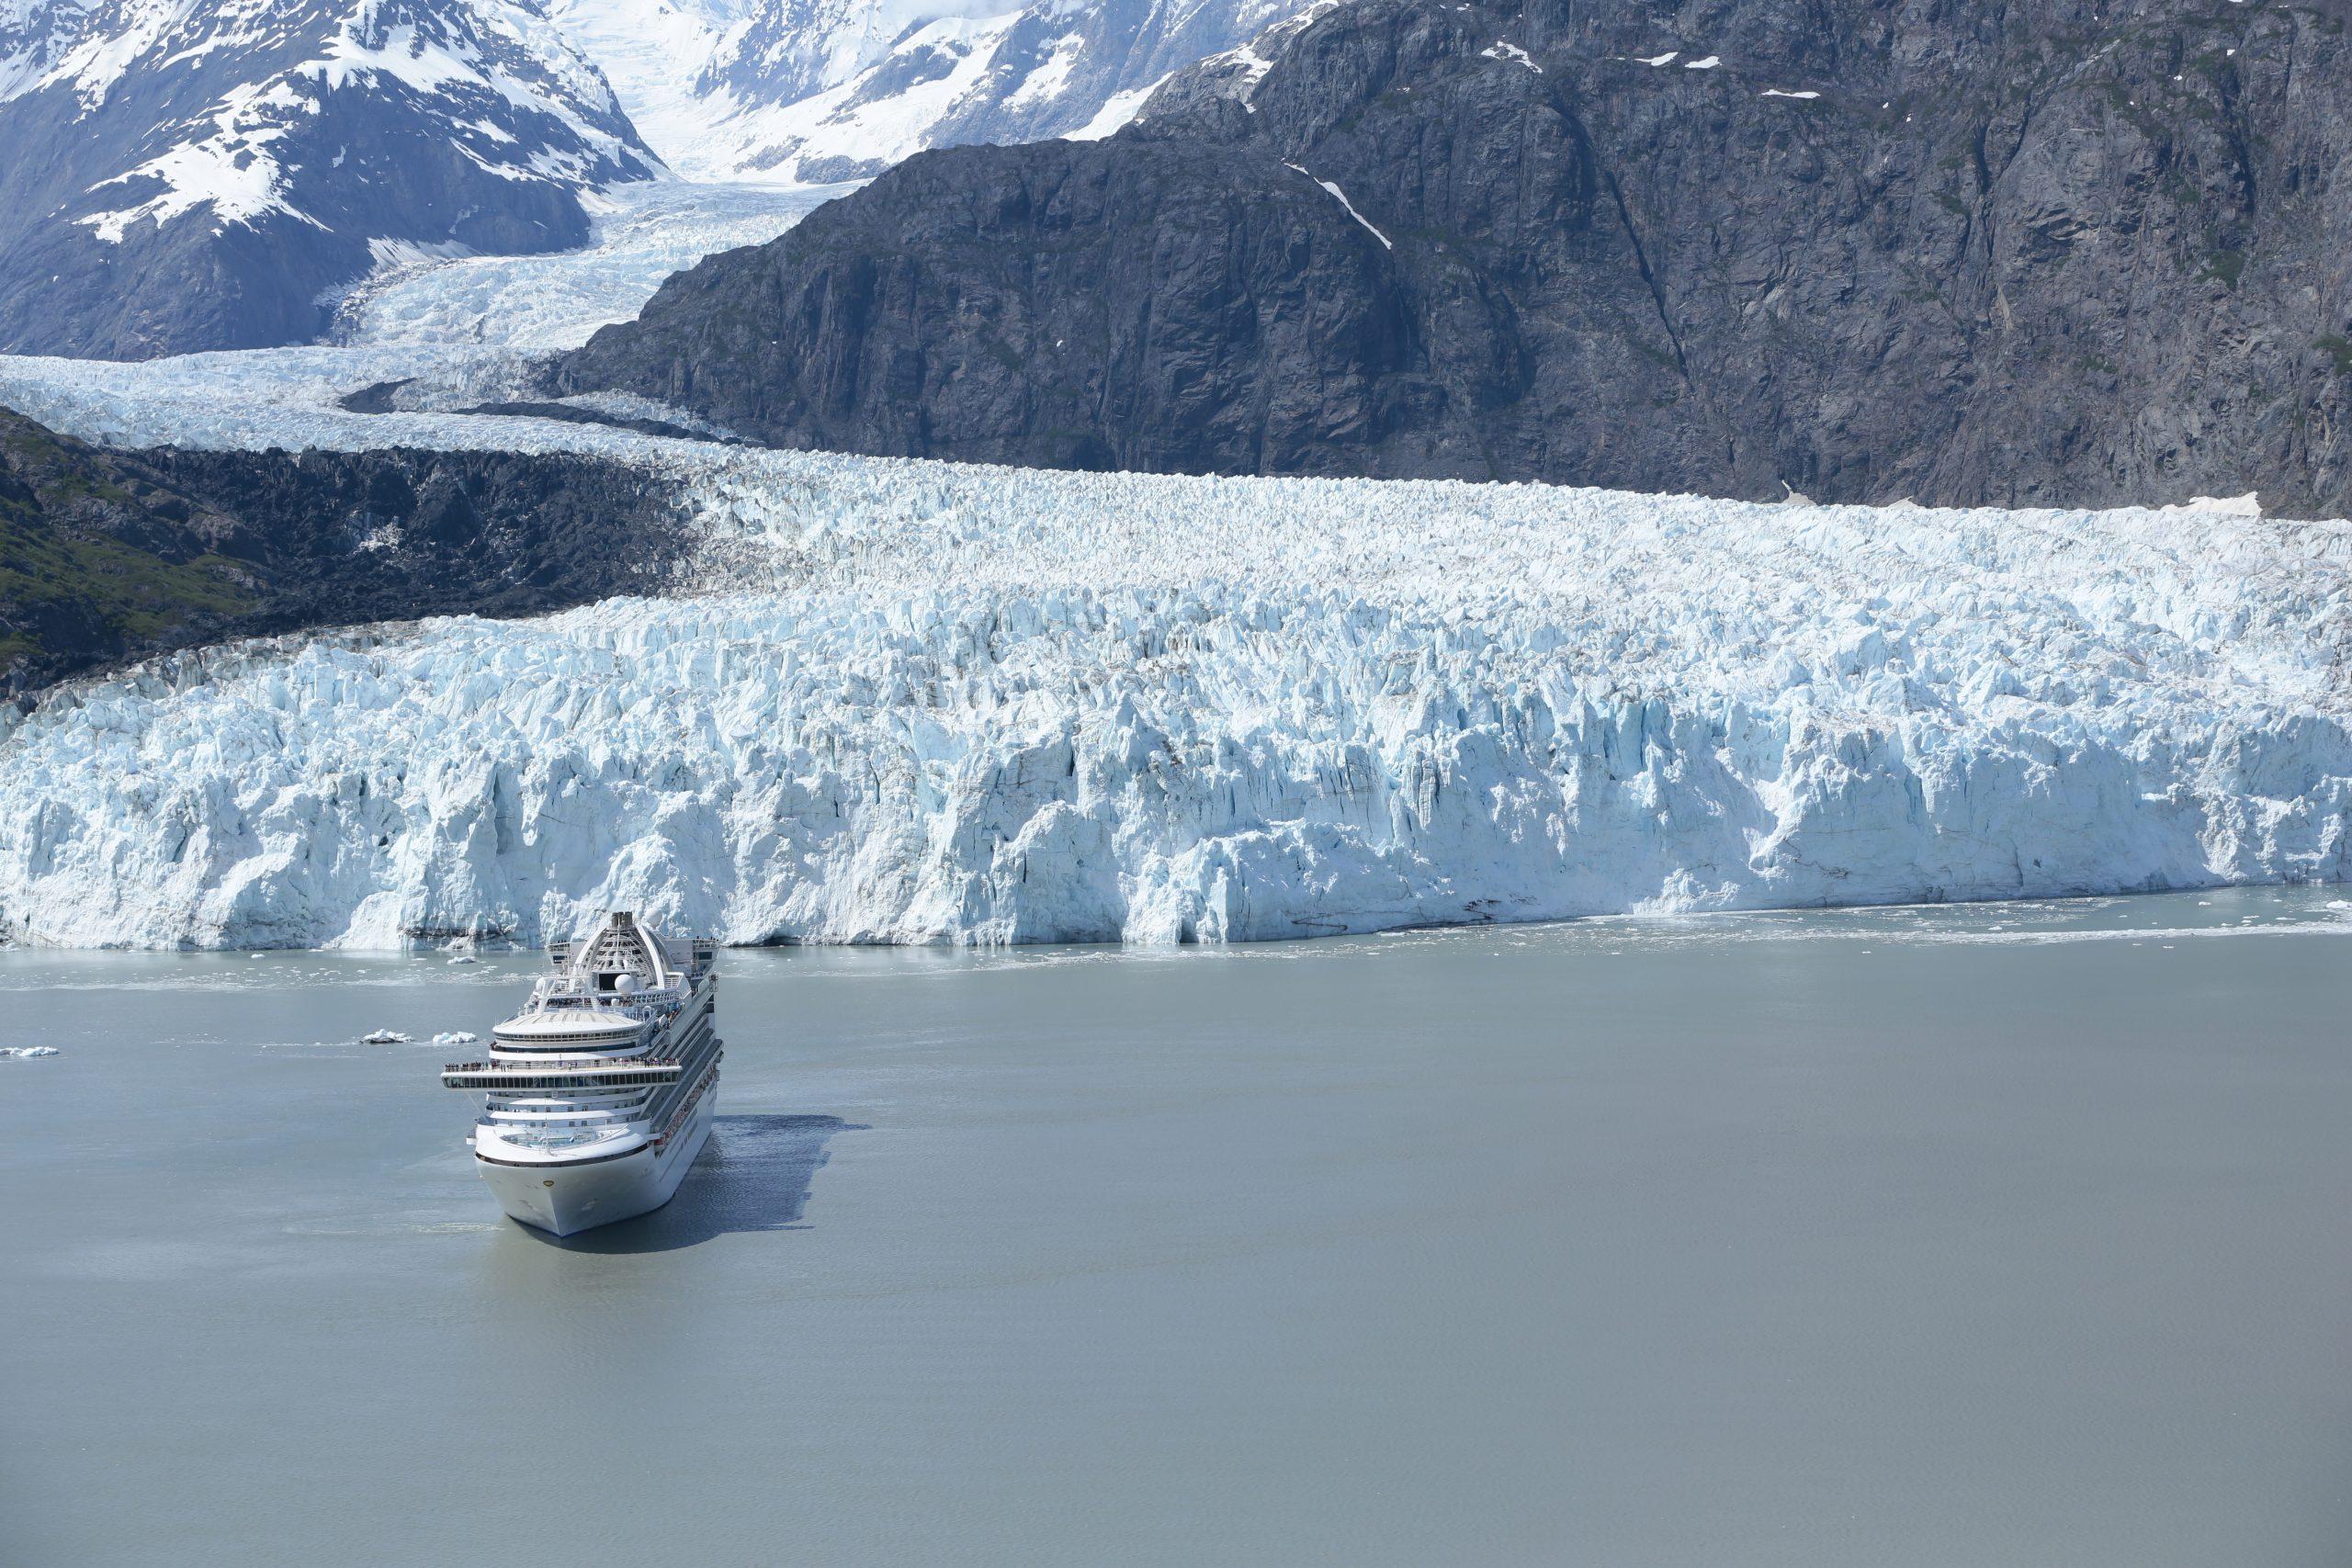 Princess Cruises dünnt seine Alaska-Kreuzfahrten als Konsequenz aus dem 100-tägigen Lockdown für Kreuzfahrten in US-Häfen aus, will aber einige Touren durchführen